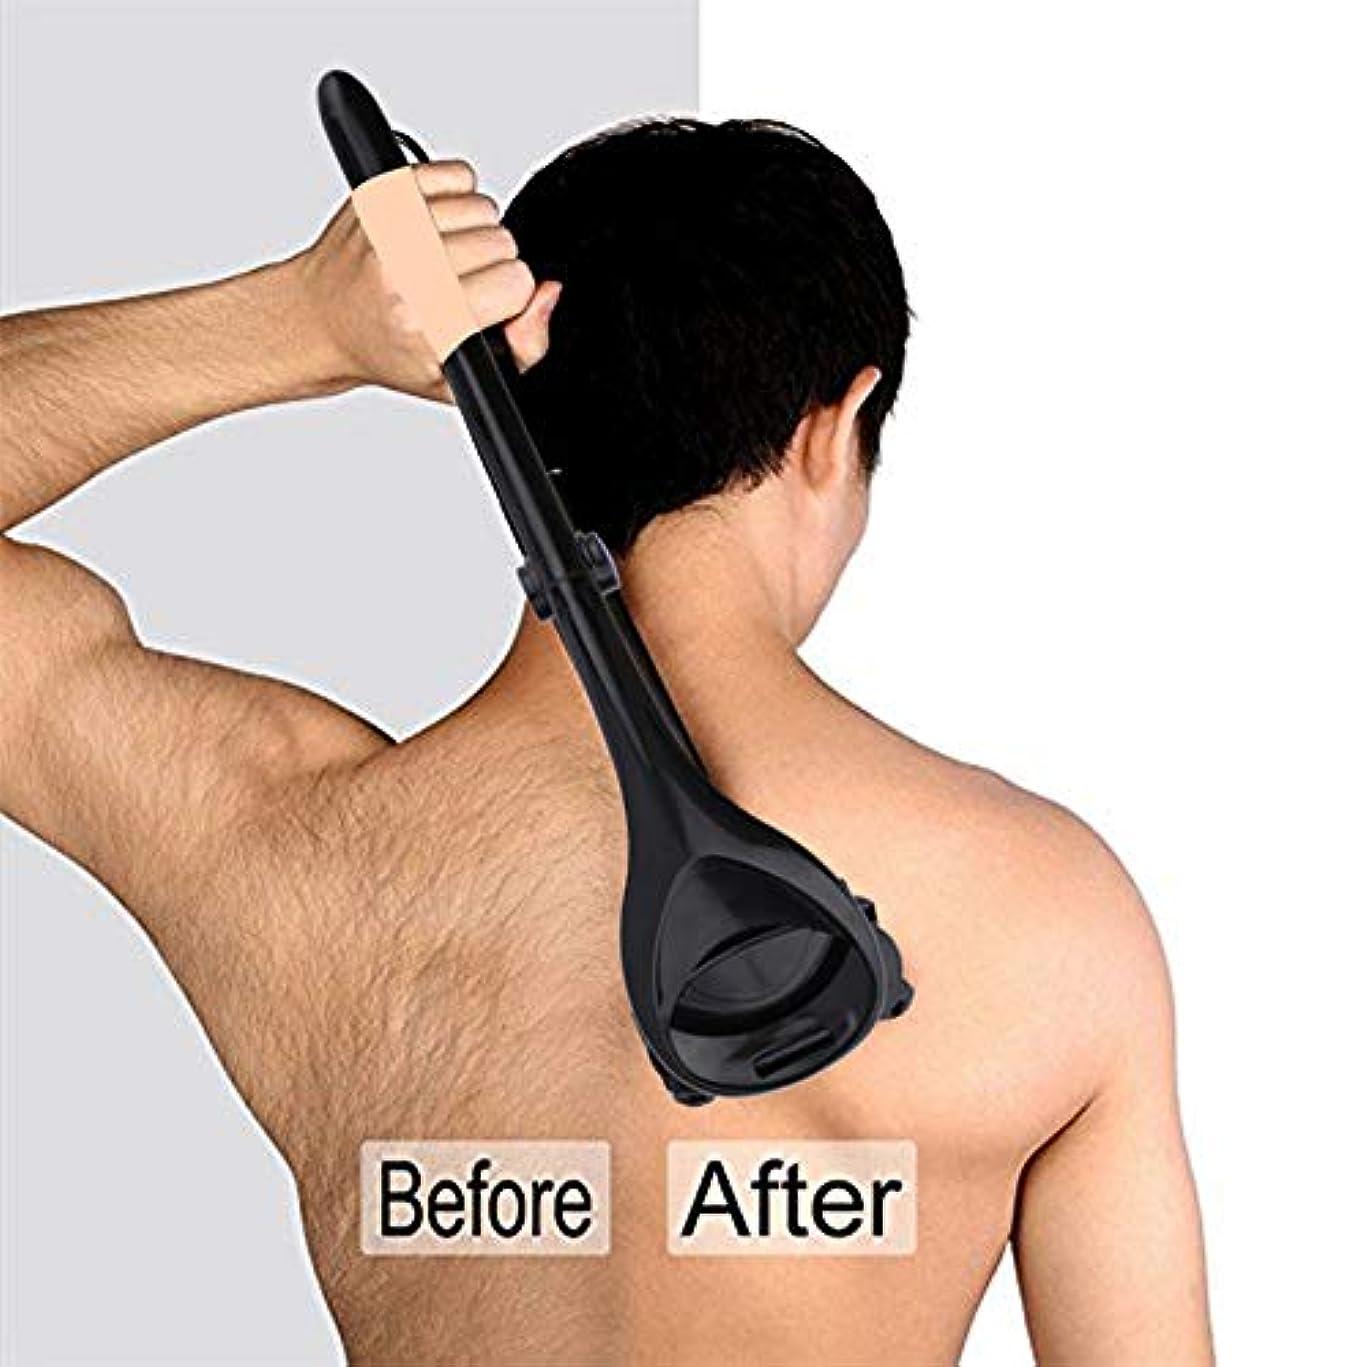 留まる侵入優先権脱毛器、背部脱毛器コードレス脱毛器脱毛用シェーバー